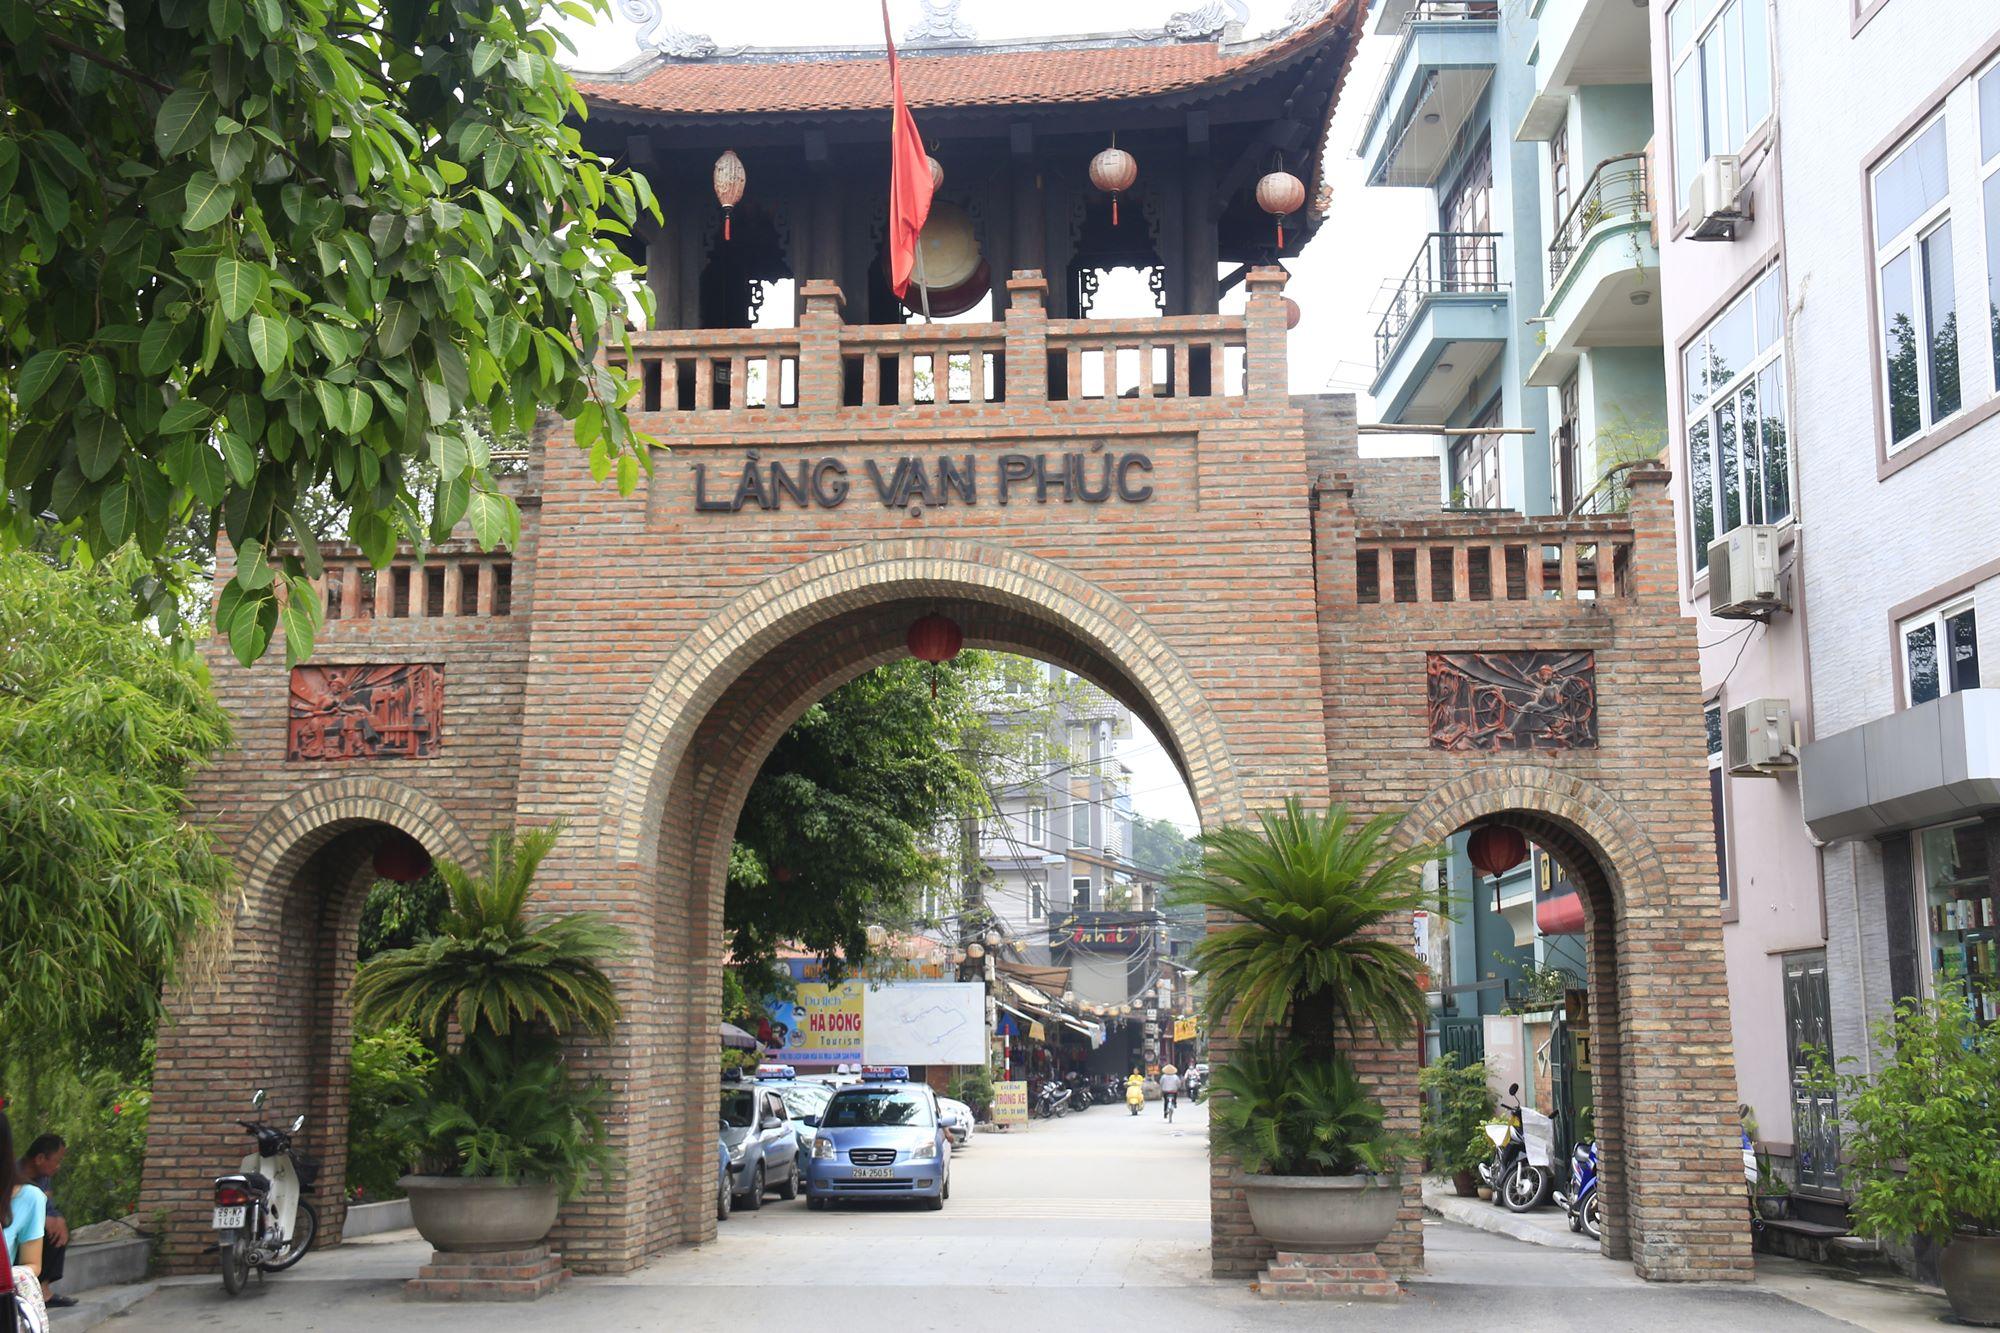 Van Phuc Silk Village - Traditional Handicraft Villages in Hanoi